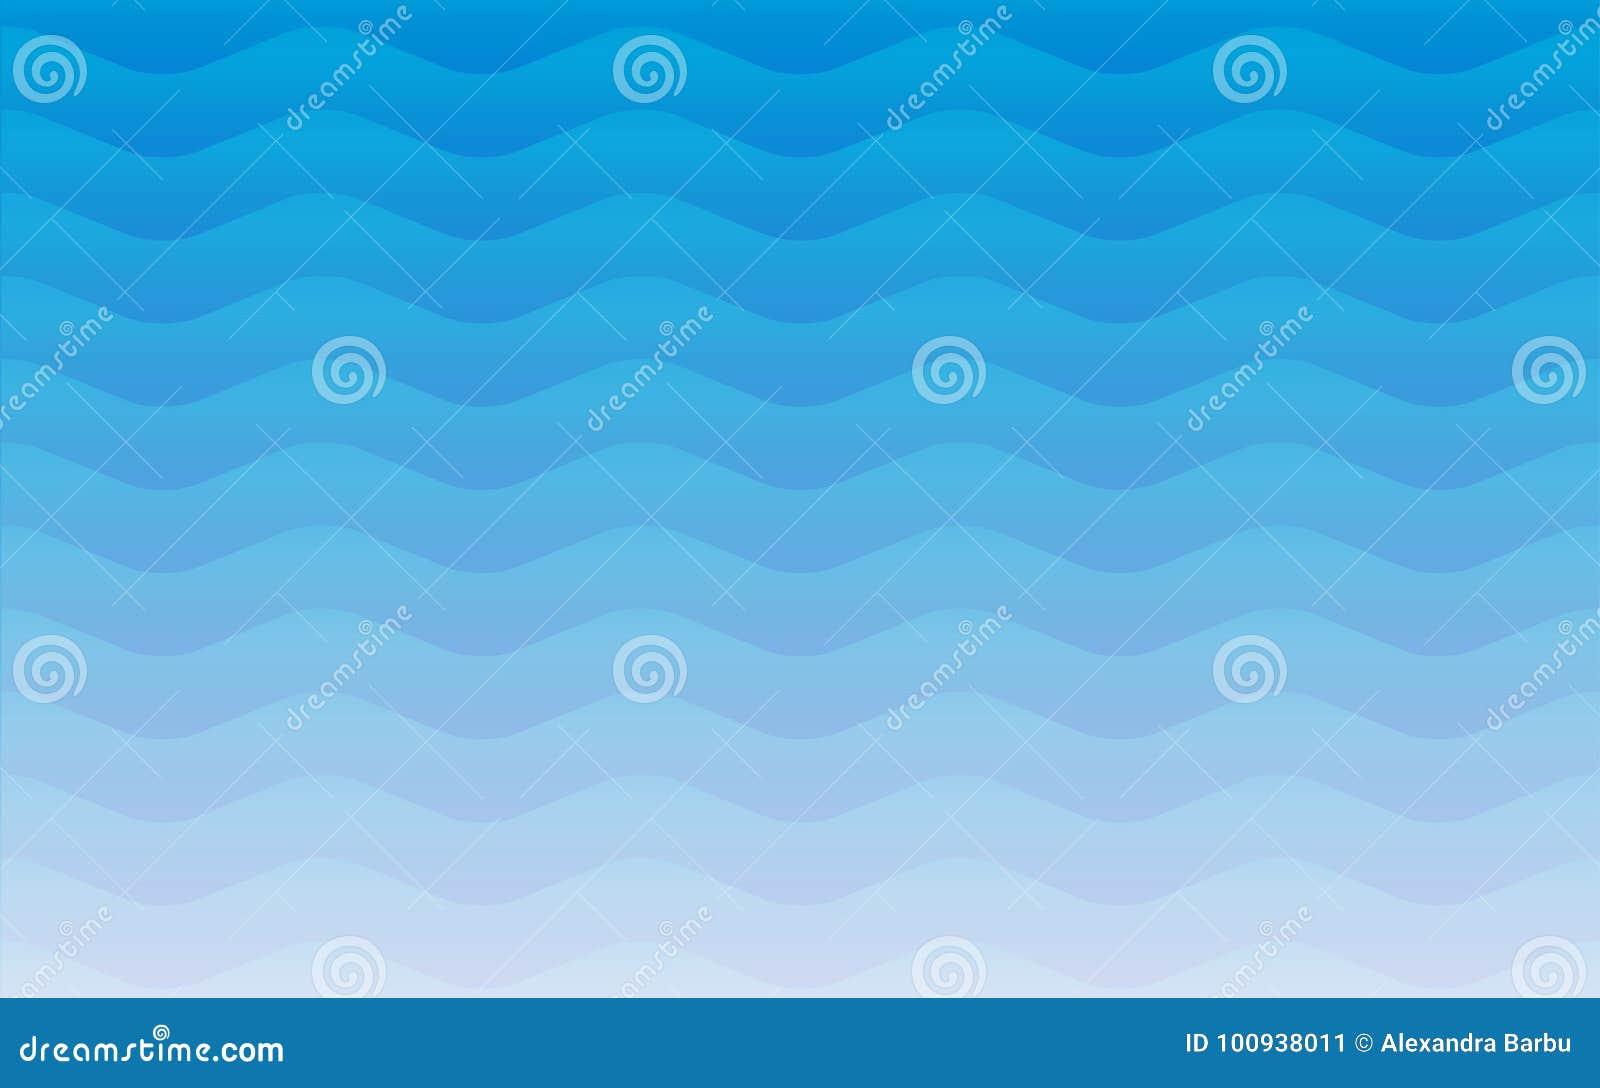 Textura repetitiva sem emenda geométrica do teste padrão do vetor das ondas de água